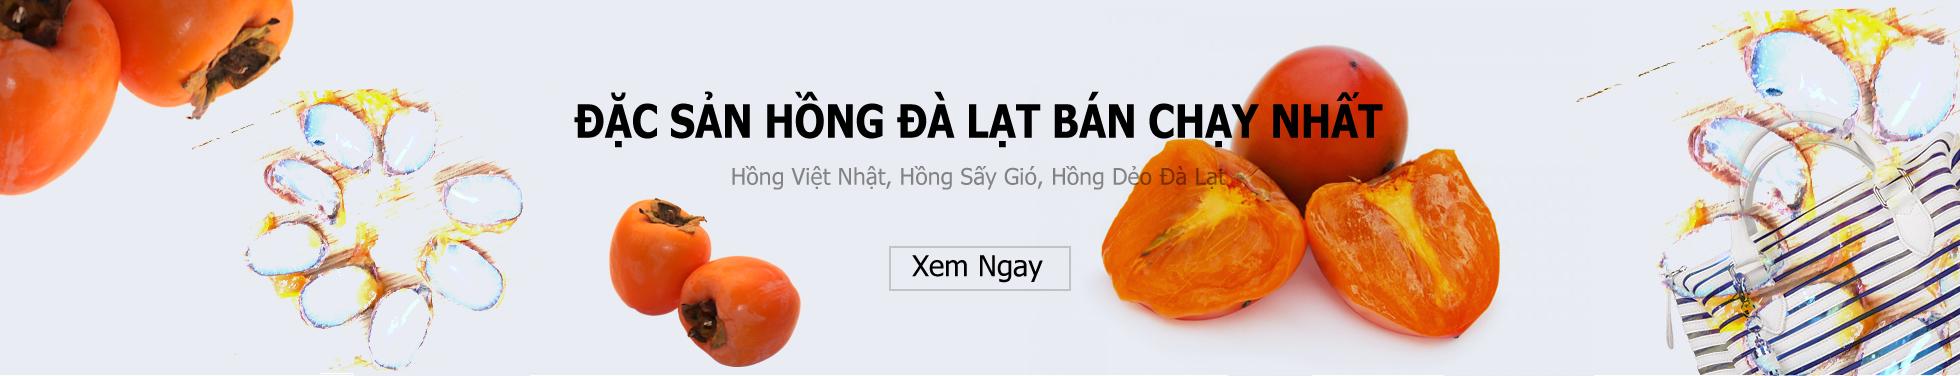 bn-hong-treo-da-lat-4